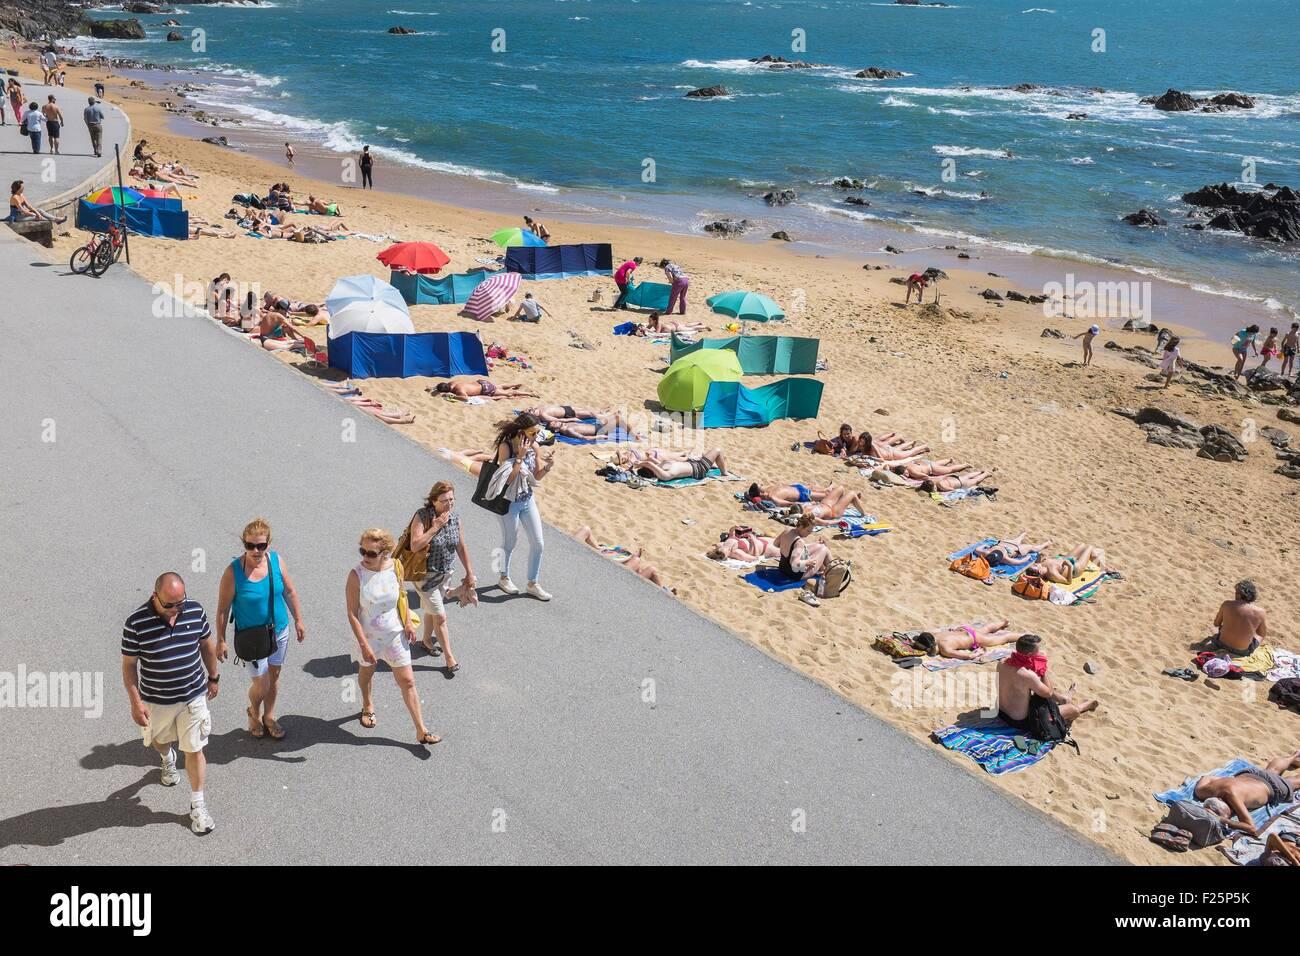 Portugal, North region, Porto, Foz do Douro seafront promenade - Stock Image